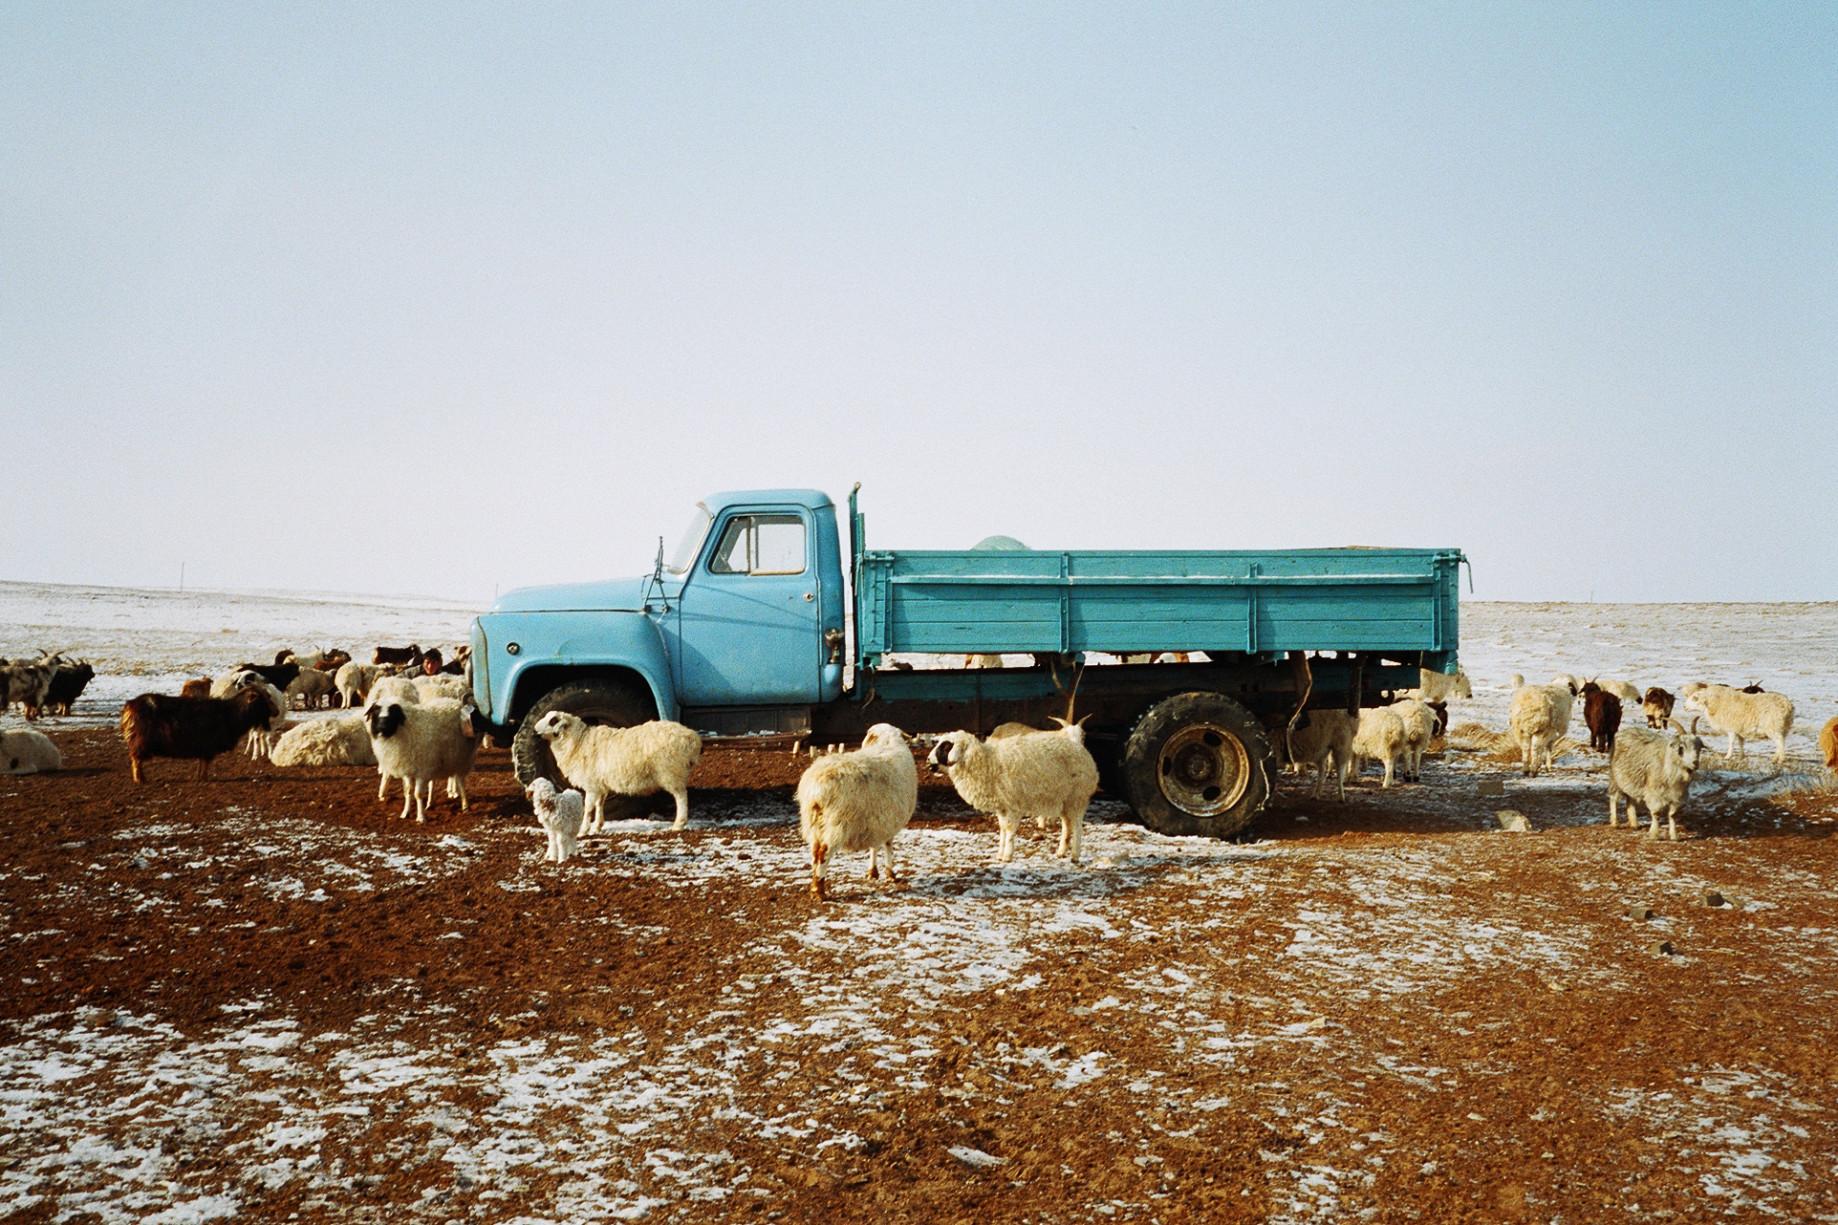 simonweller-mongolia-homesteadtruck